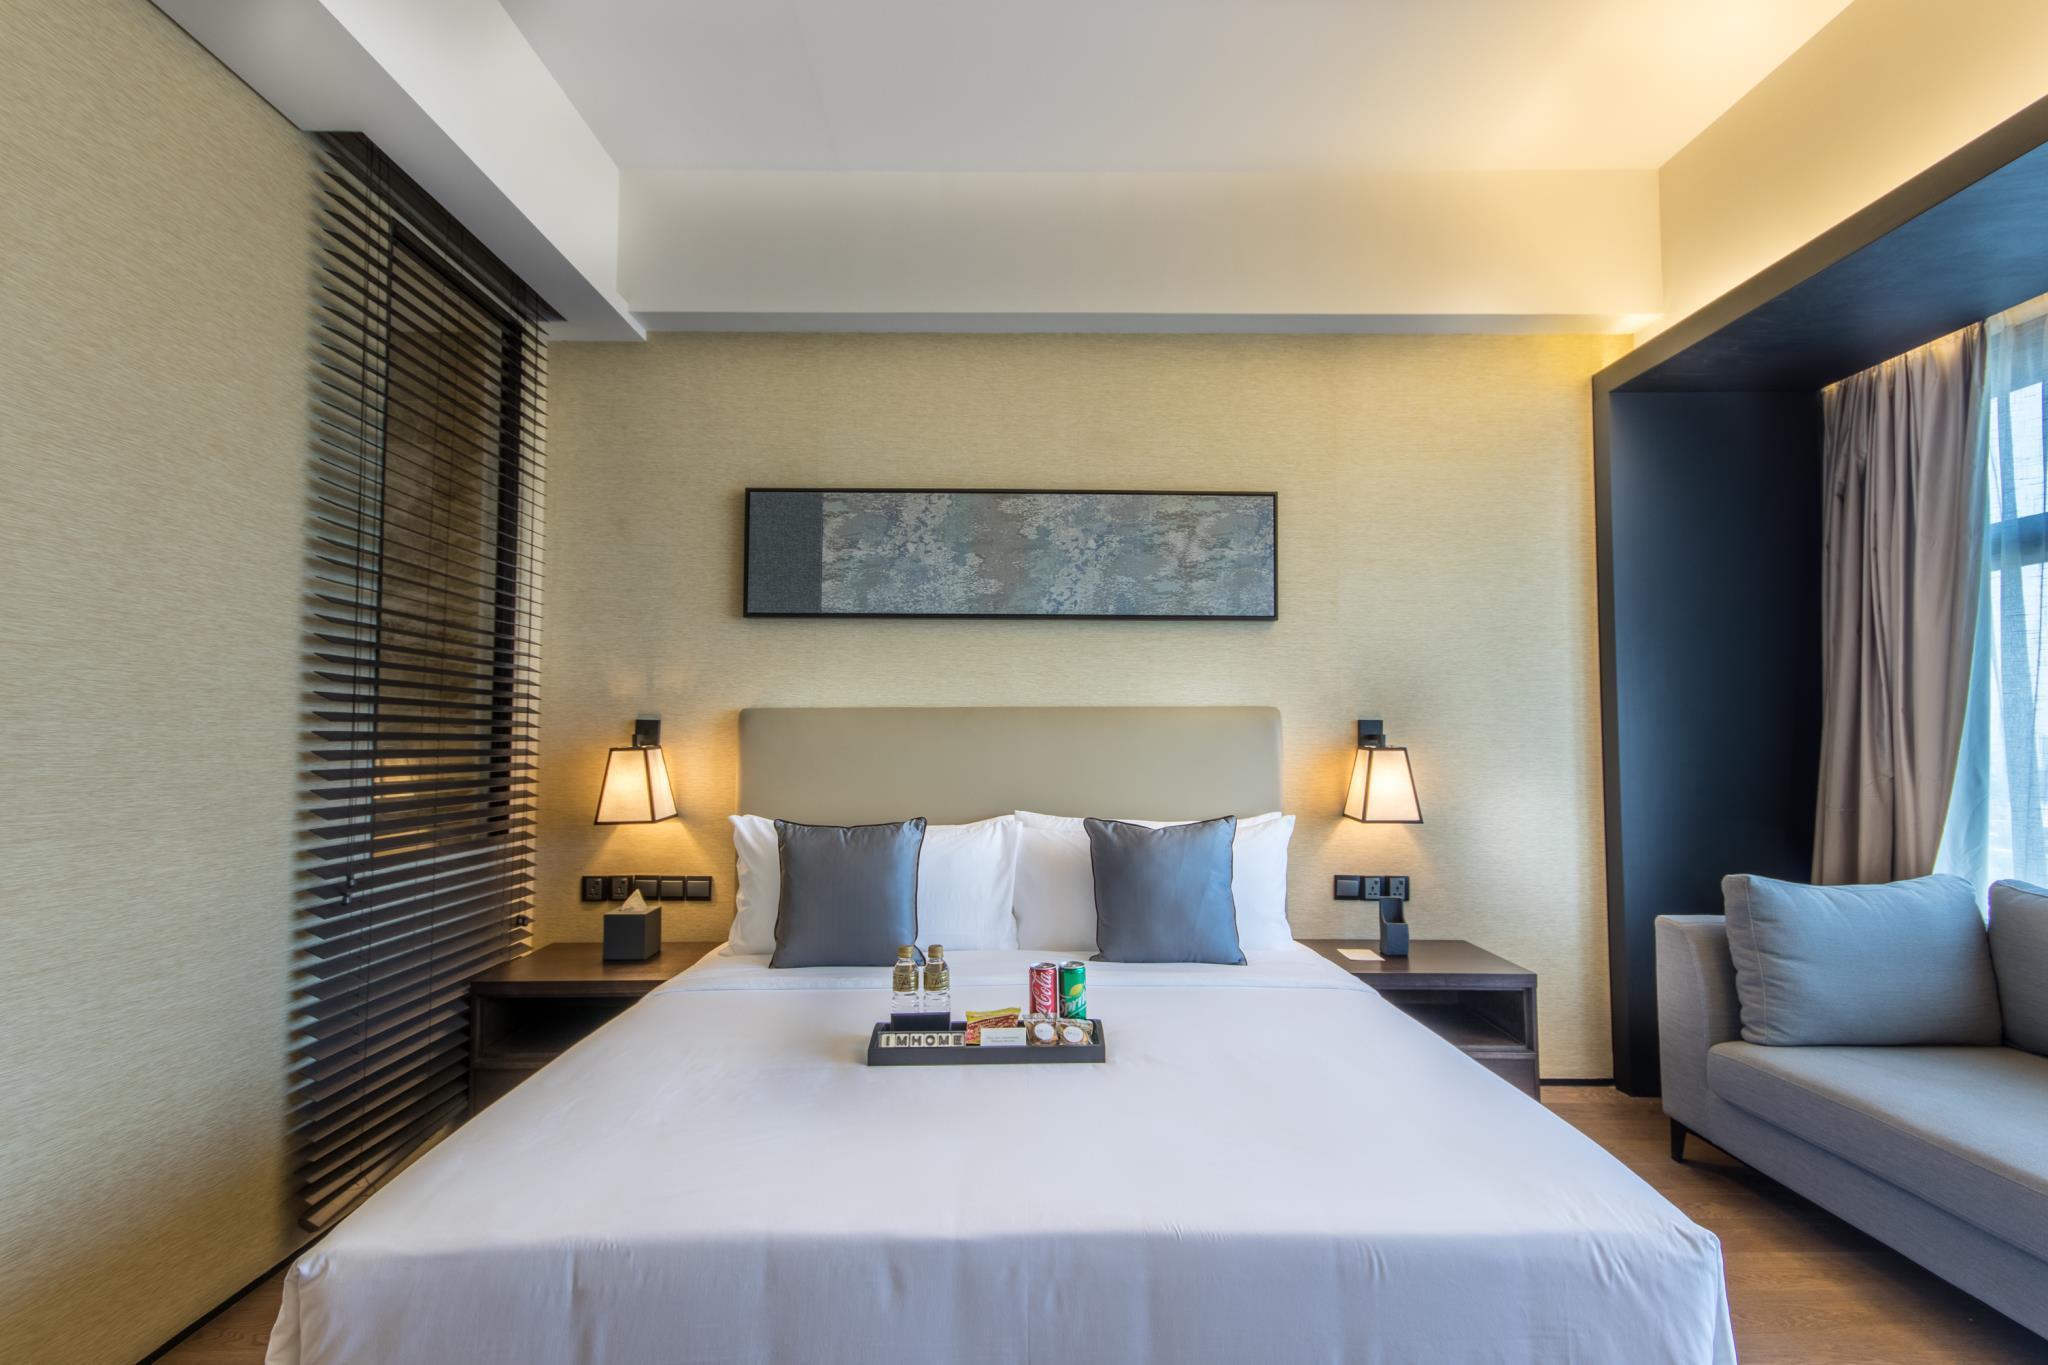 Classic Studio - Bed I\u0027M Hotel & I\u0027M Hotel in Manila - Room Deals Photos \u0026 Reviews